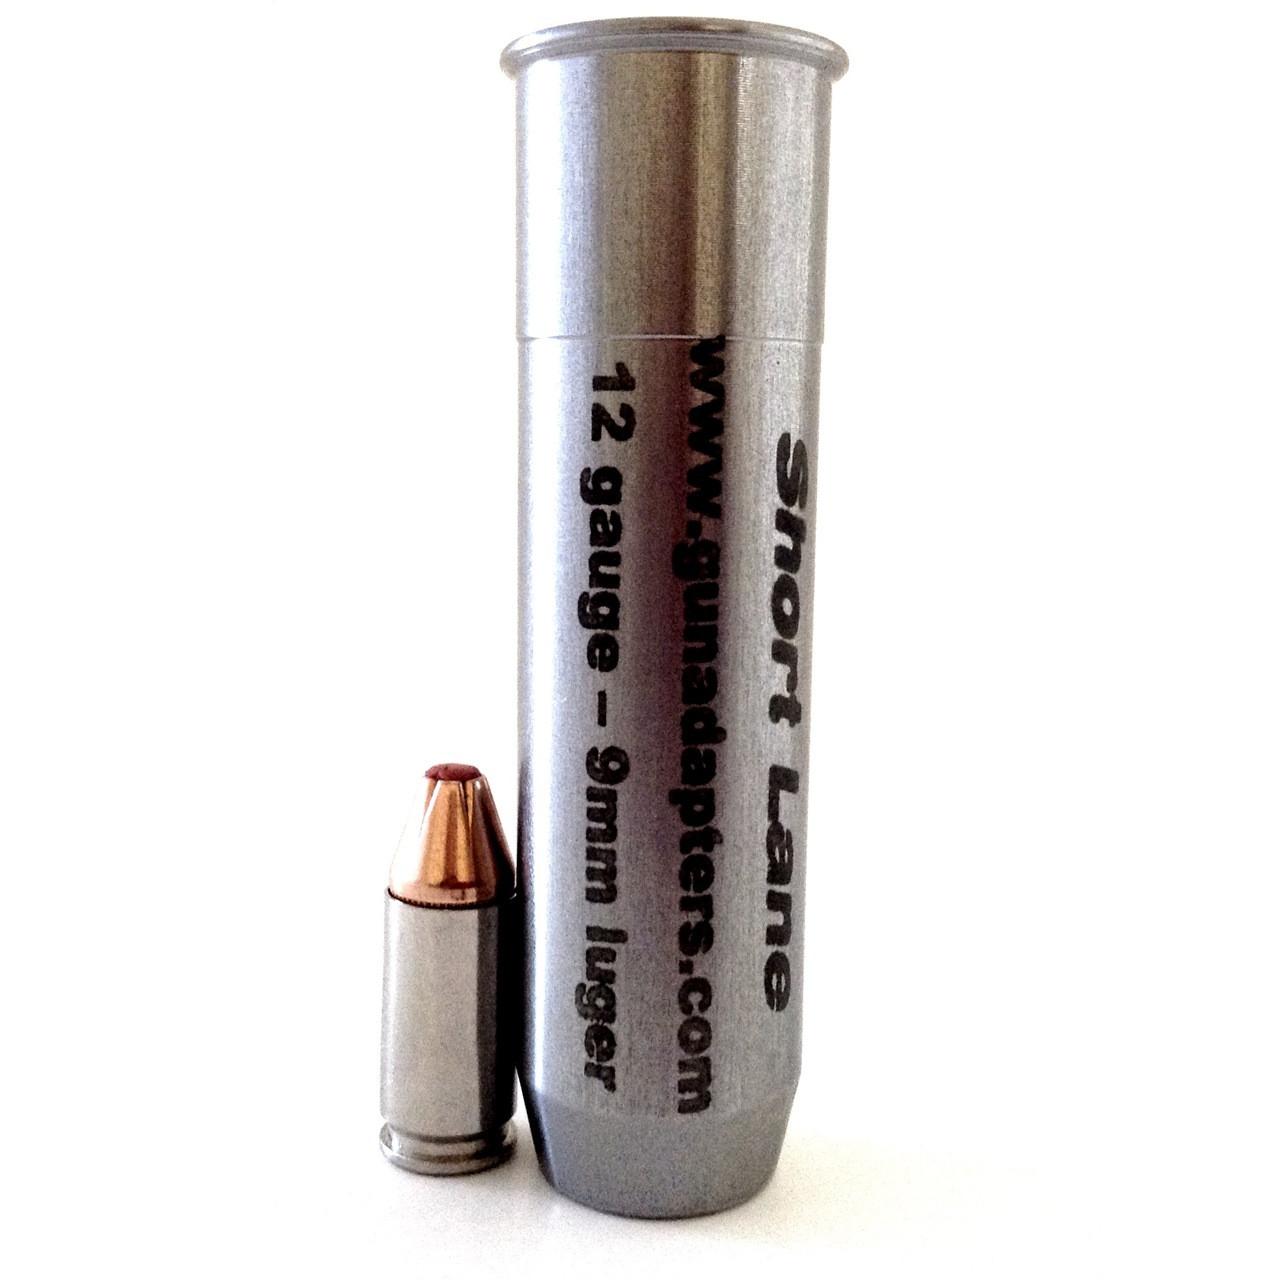 12 gauge to 9mm Luger Scavenger Series